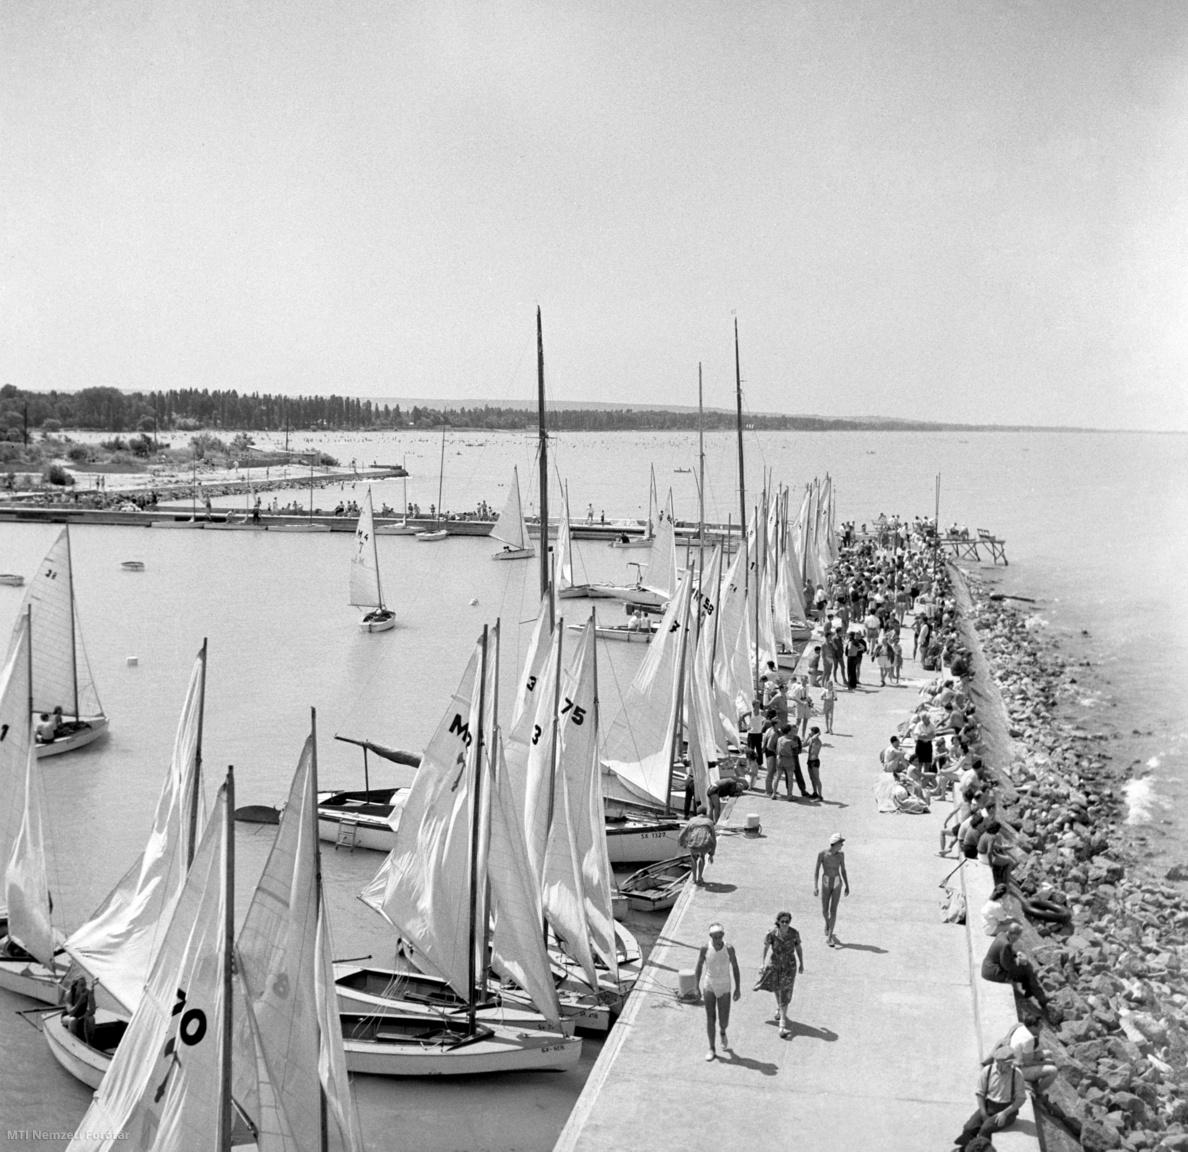 Siófok, 1952. július 14. Vitorlázók és nyaralók a kikötött vitorlások mellett a siófoki mólónál